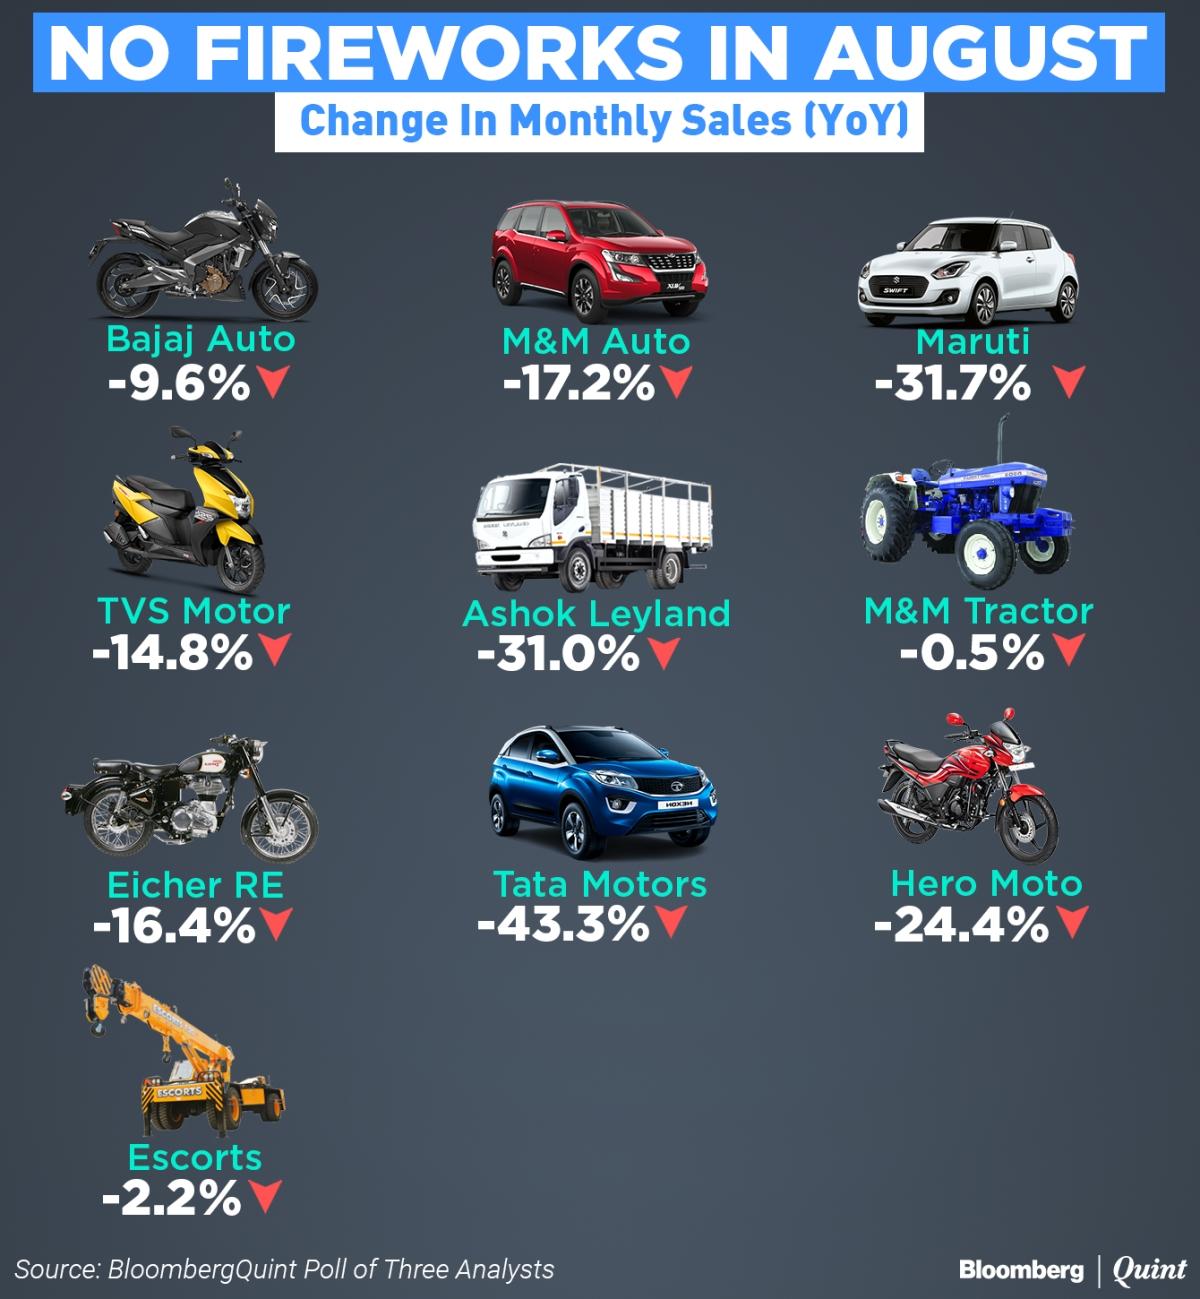 August Auto Sales Live: Sales Of Maruti Suzuki, Mahindra